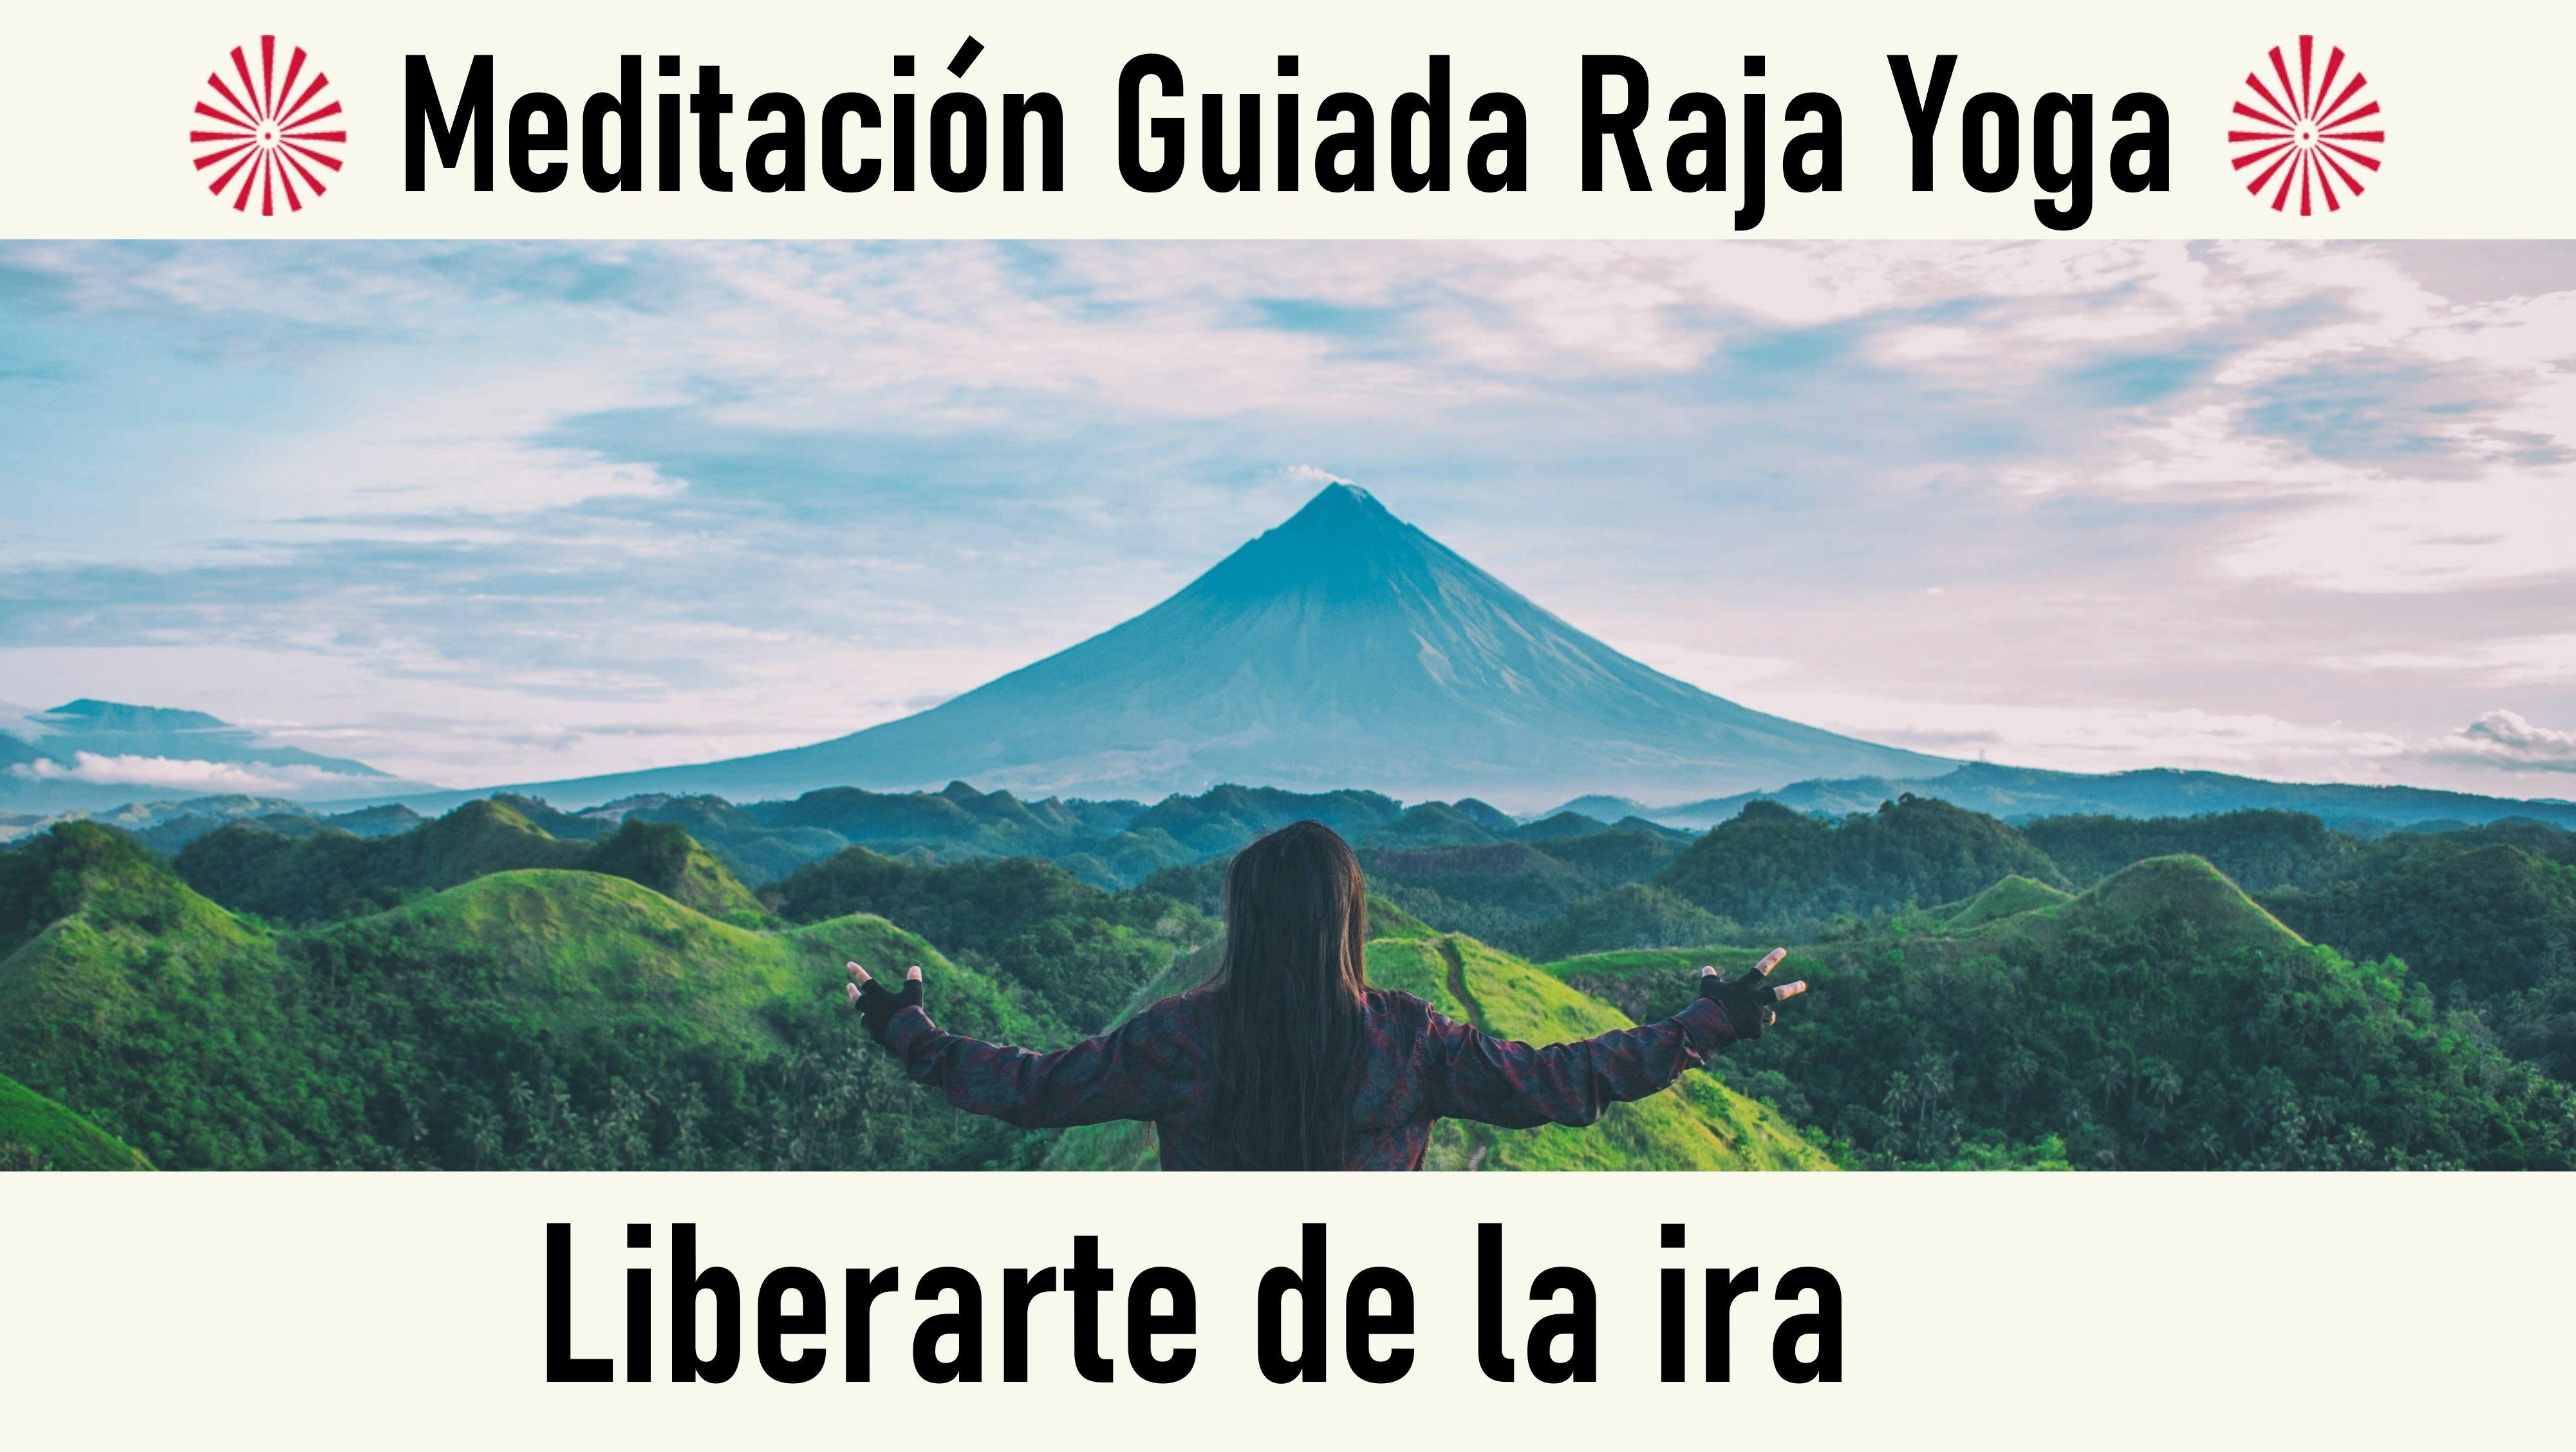 Meditación Raja Yoga: Liberarte de la ira (26 Septiembre 2020) On-line desde Valencia